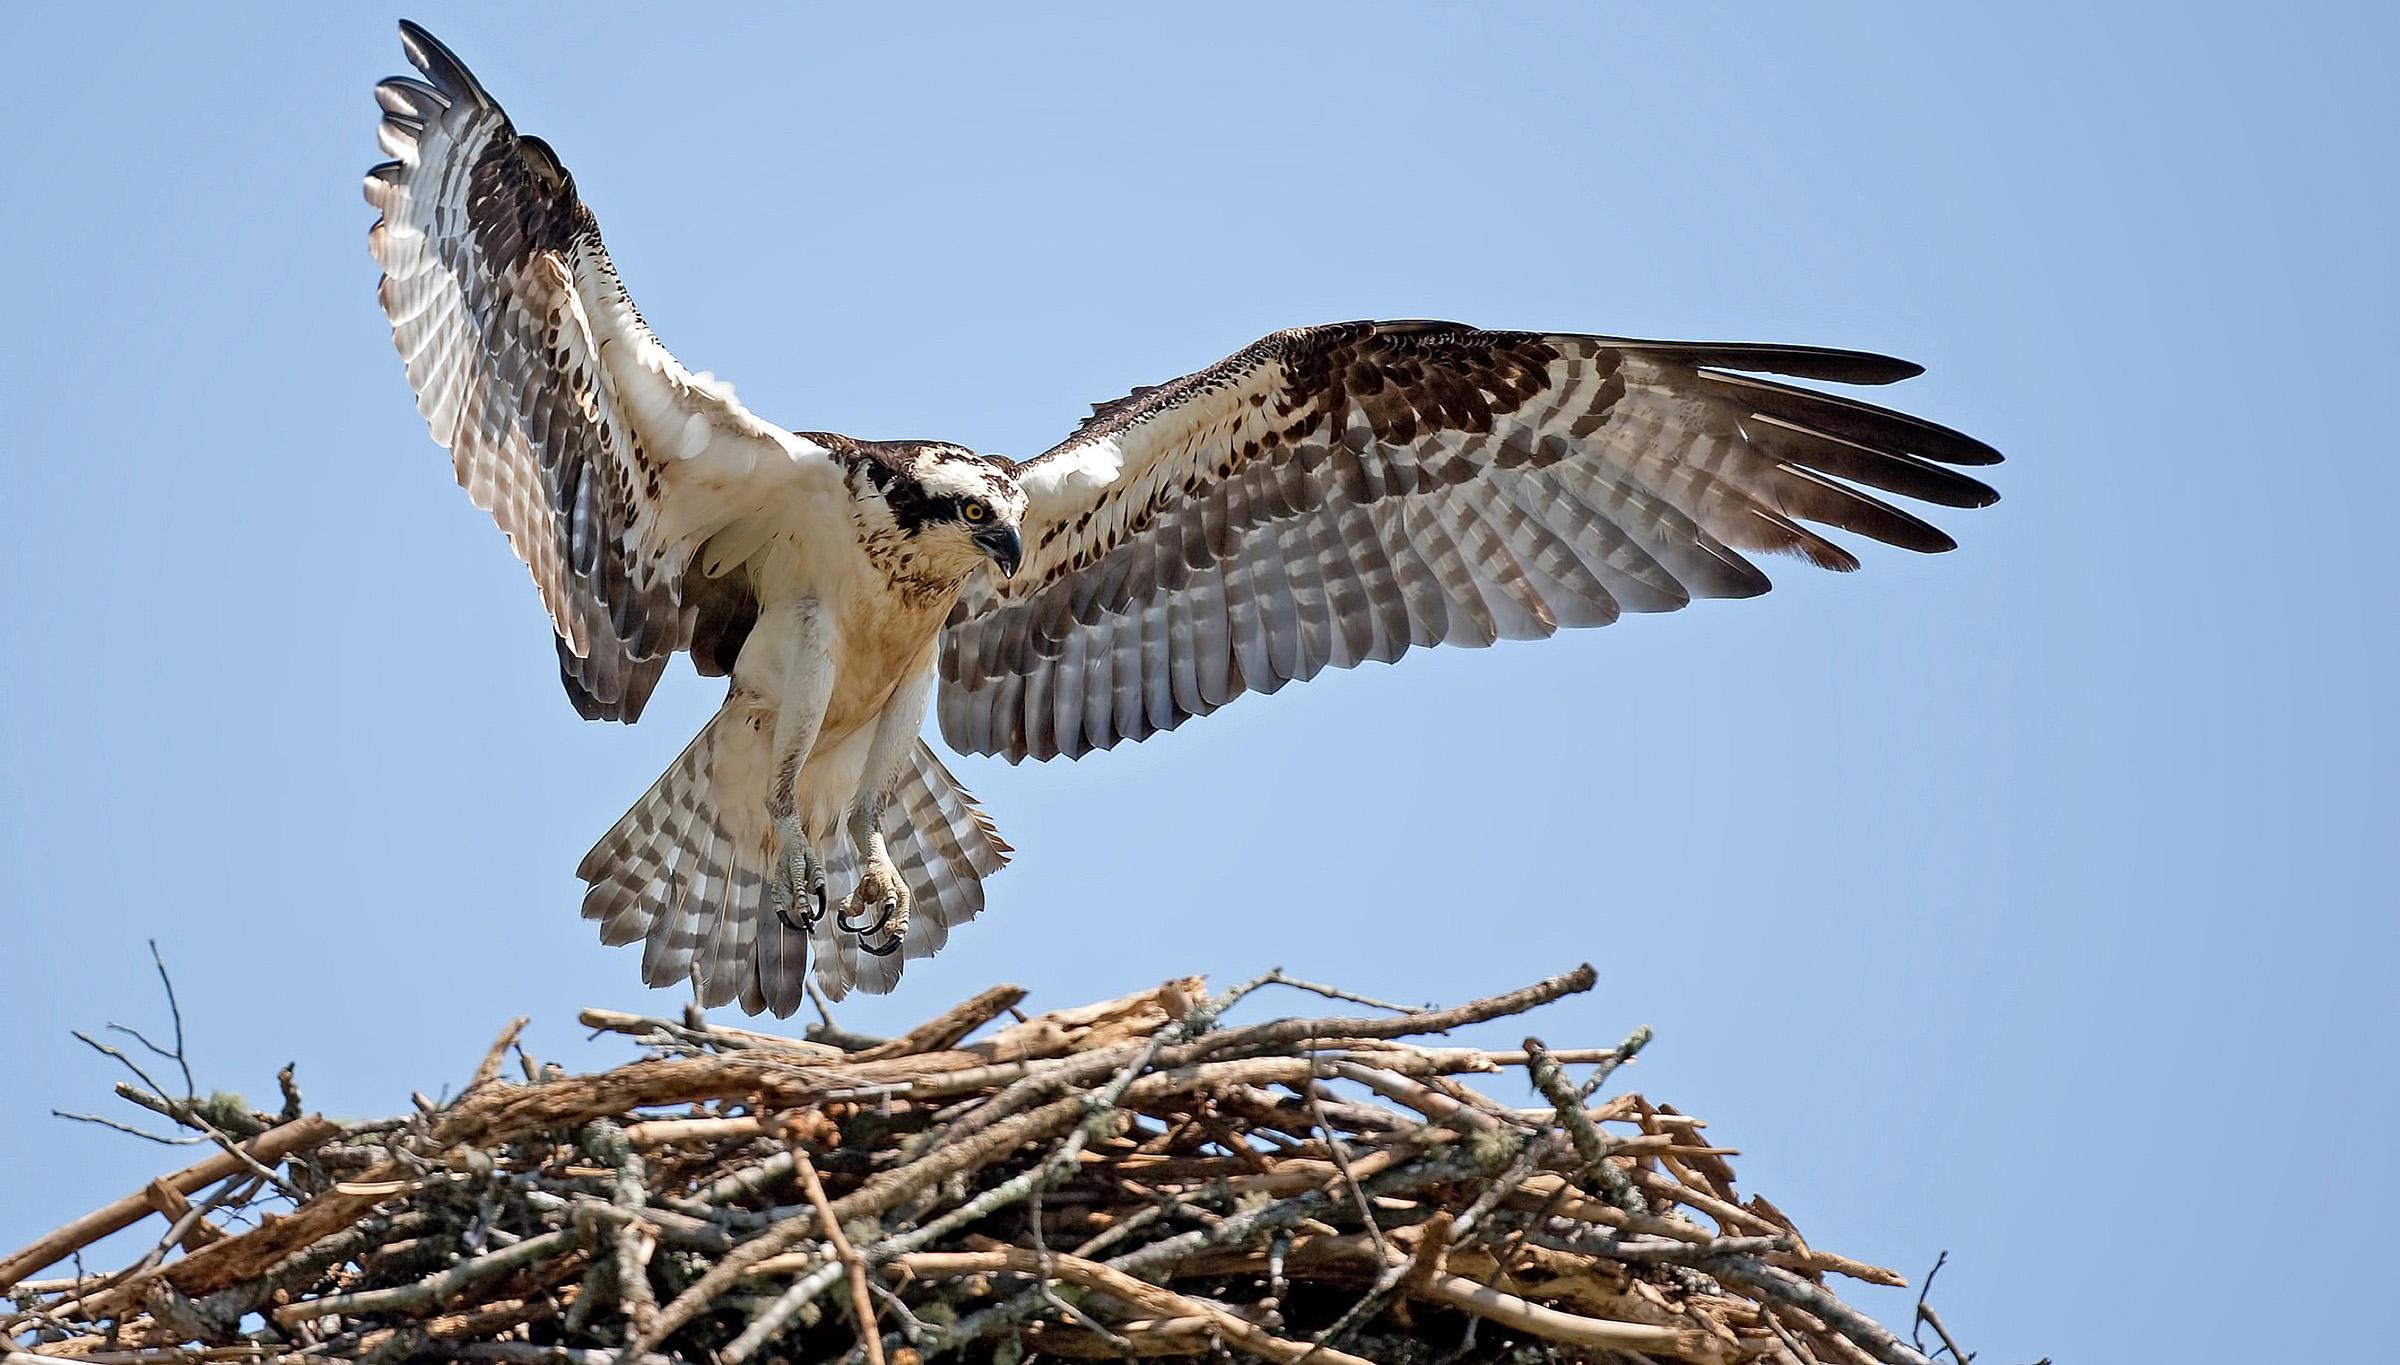 Osprey | Audubon Field Guide